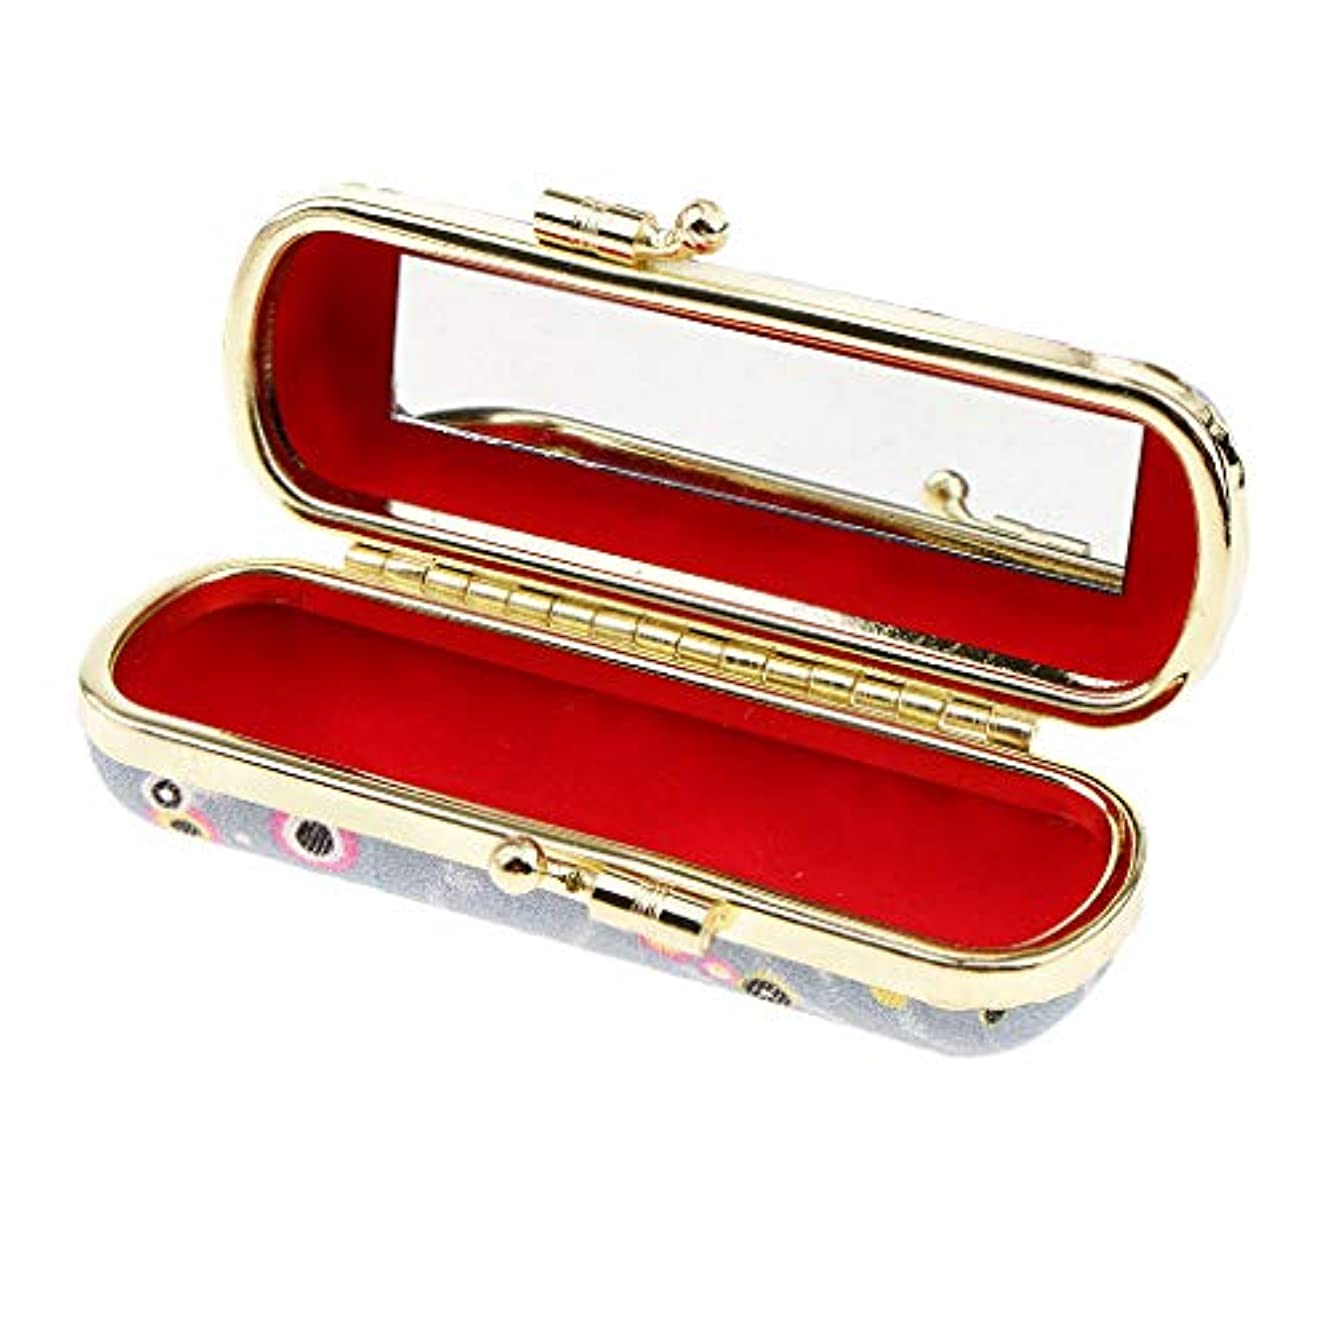 過度に無傷理解するToygogo 口紅ケース 収納ボックス リップグロスケース リップスティックケース 鏡付き 7タイプ選べ - レトロD